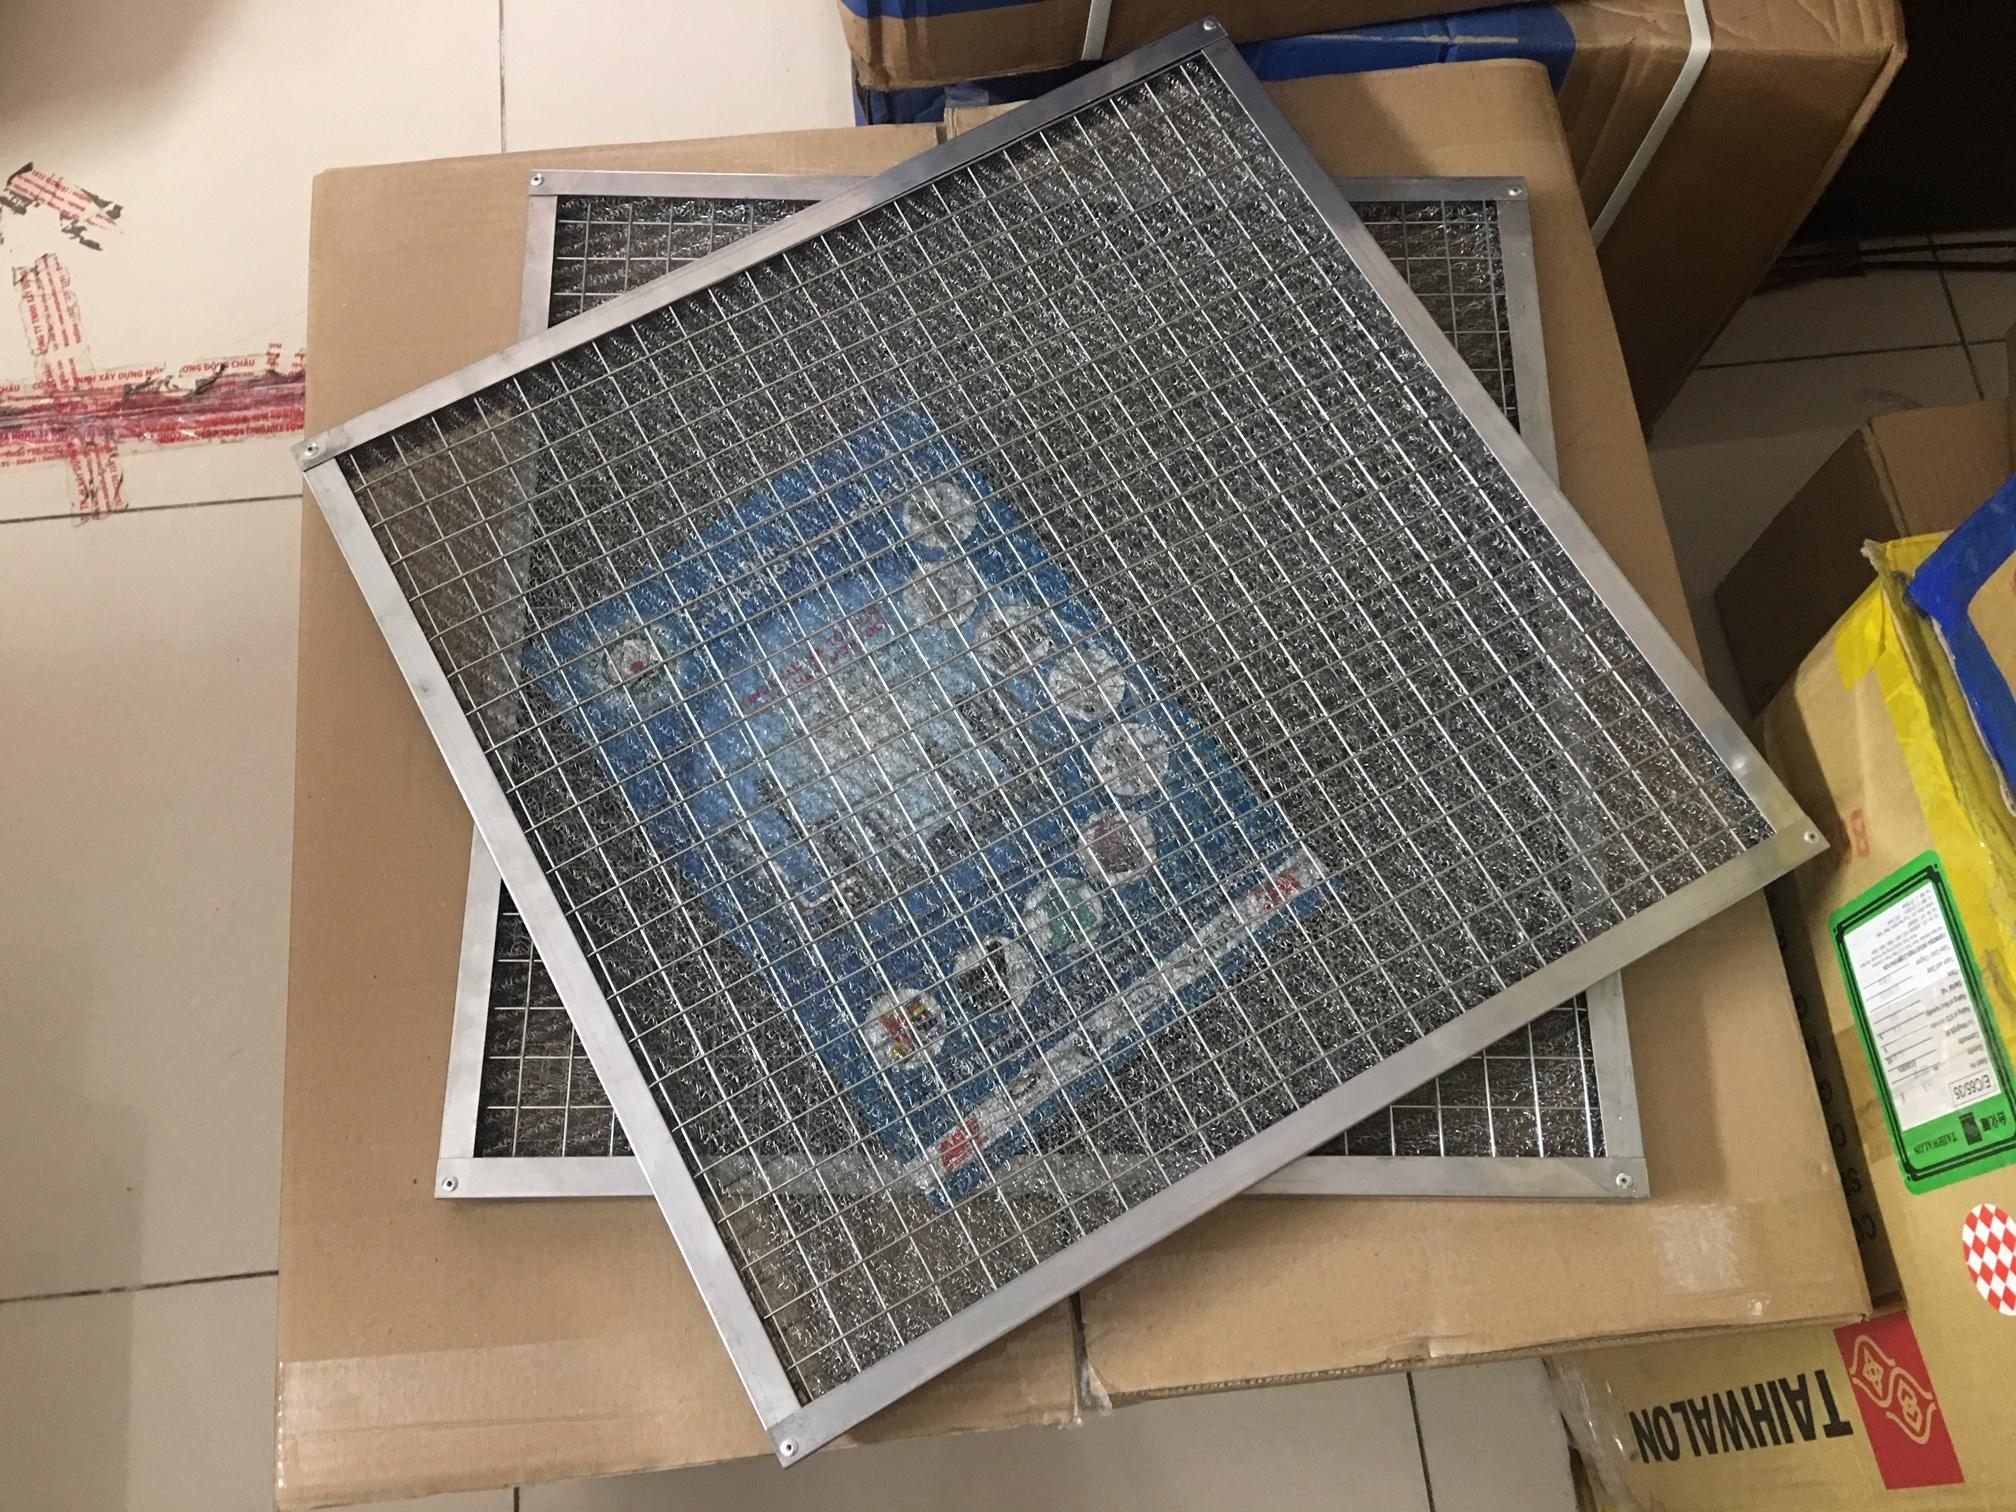 Khung lưới inox chịu nhiệt độ cao và ăn mòn hóa học lọc khí nóng